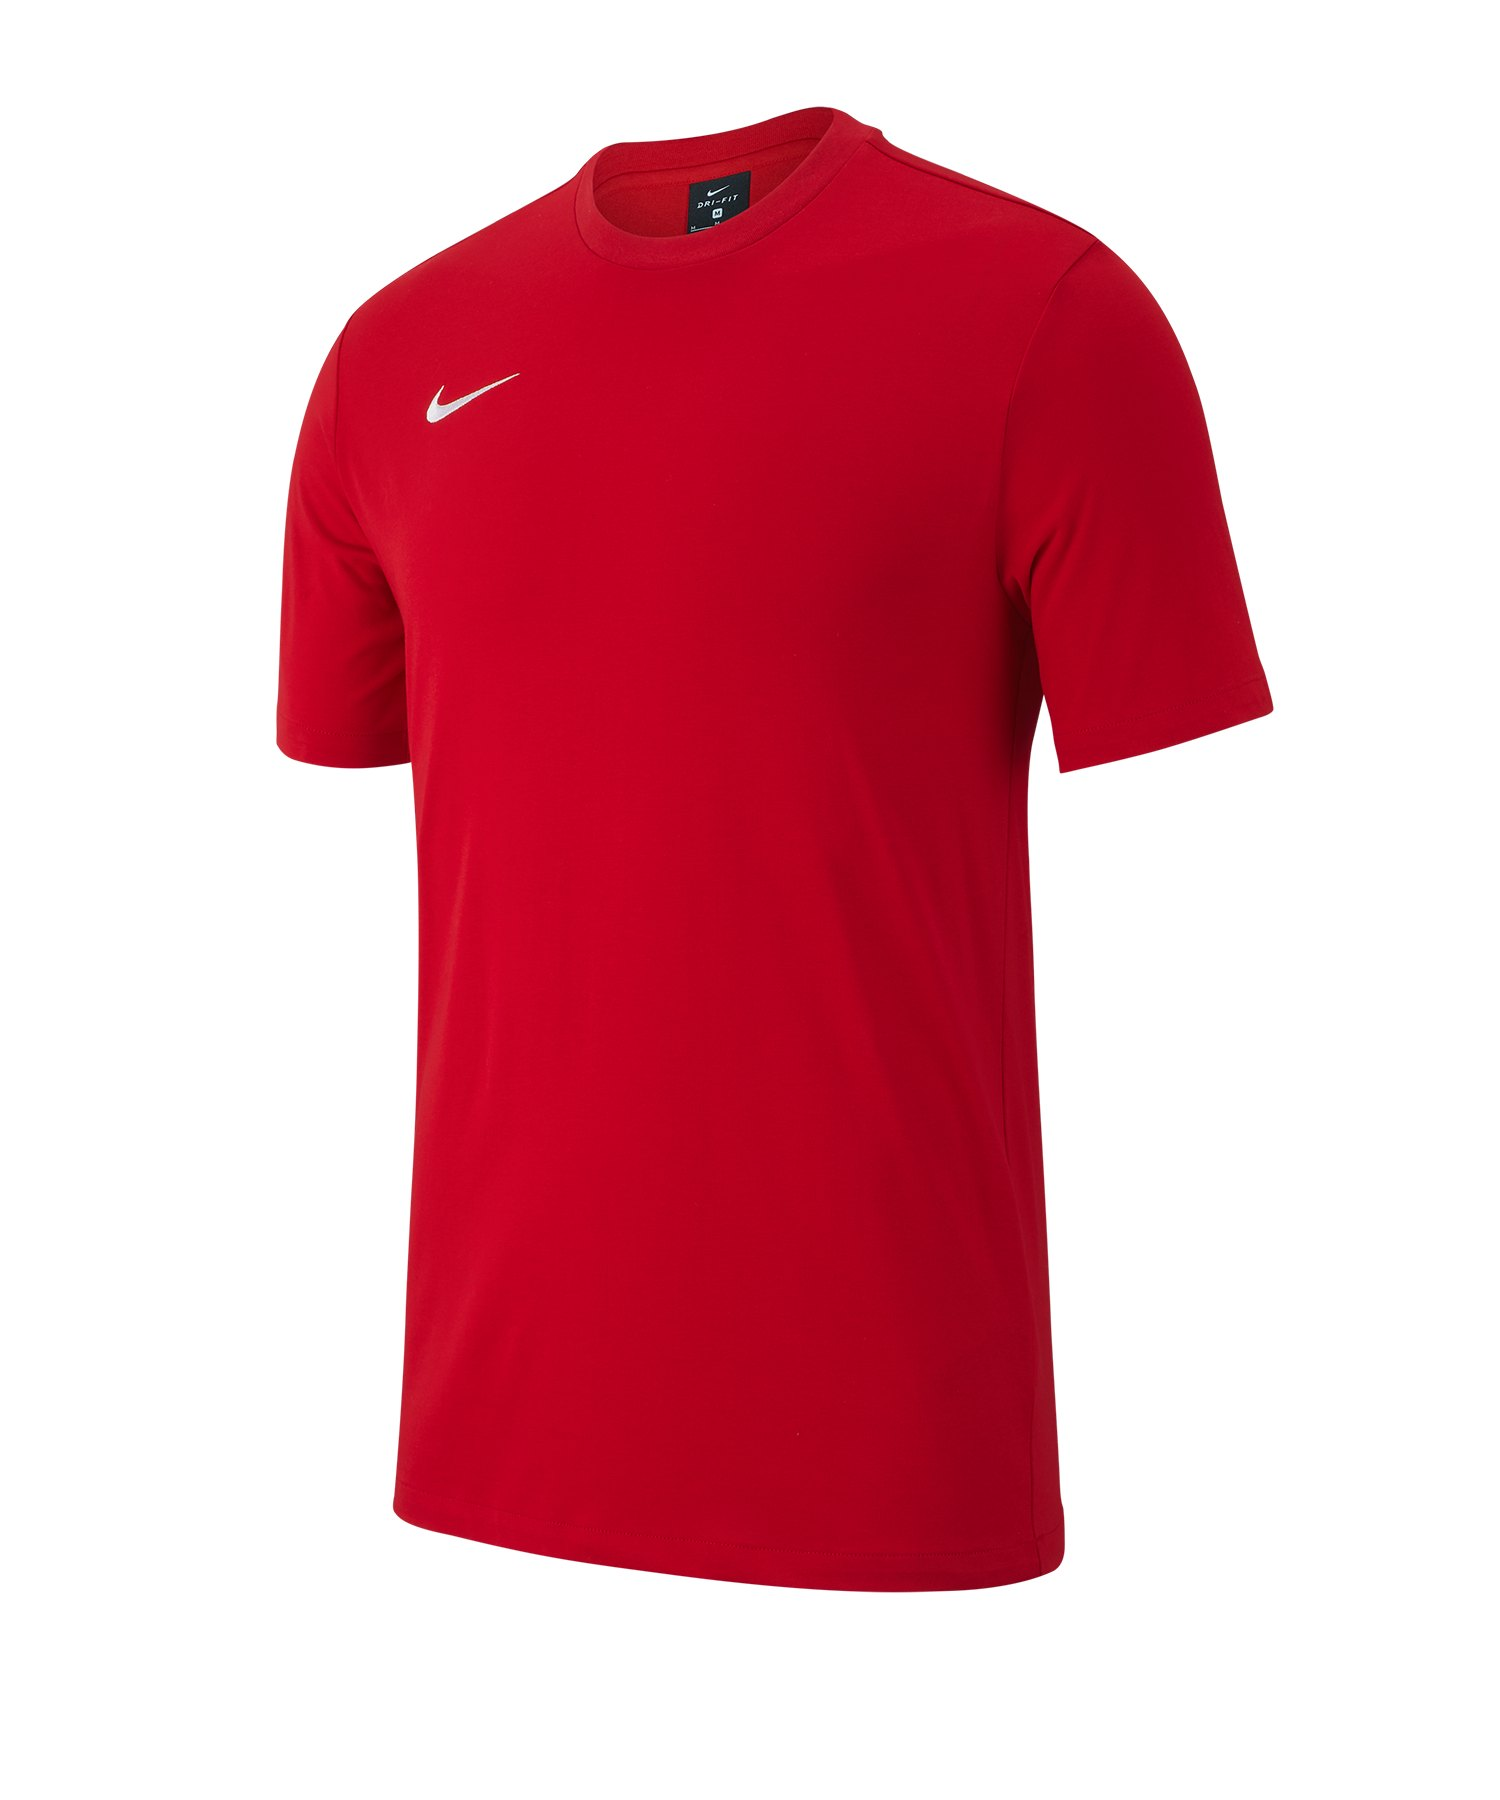 Nike Club 19 T-Shirt Rot F657 - rot